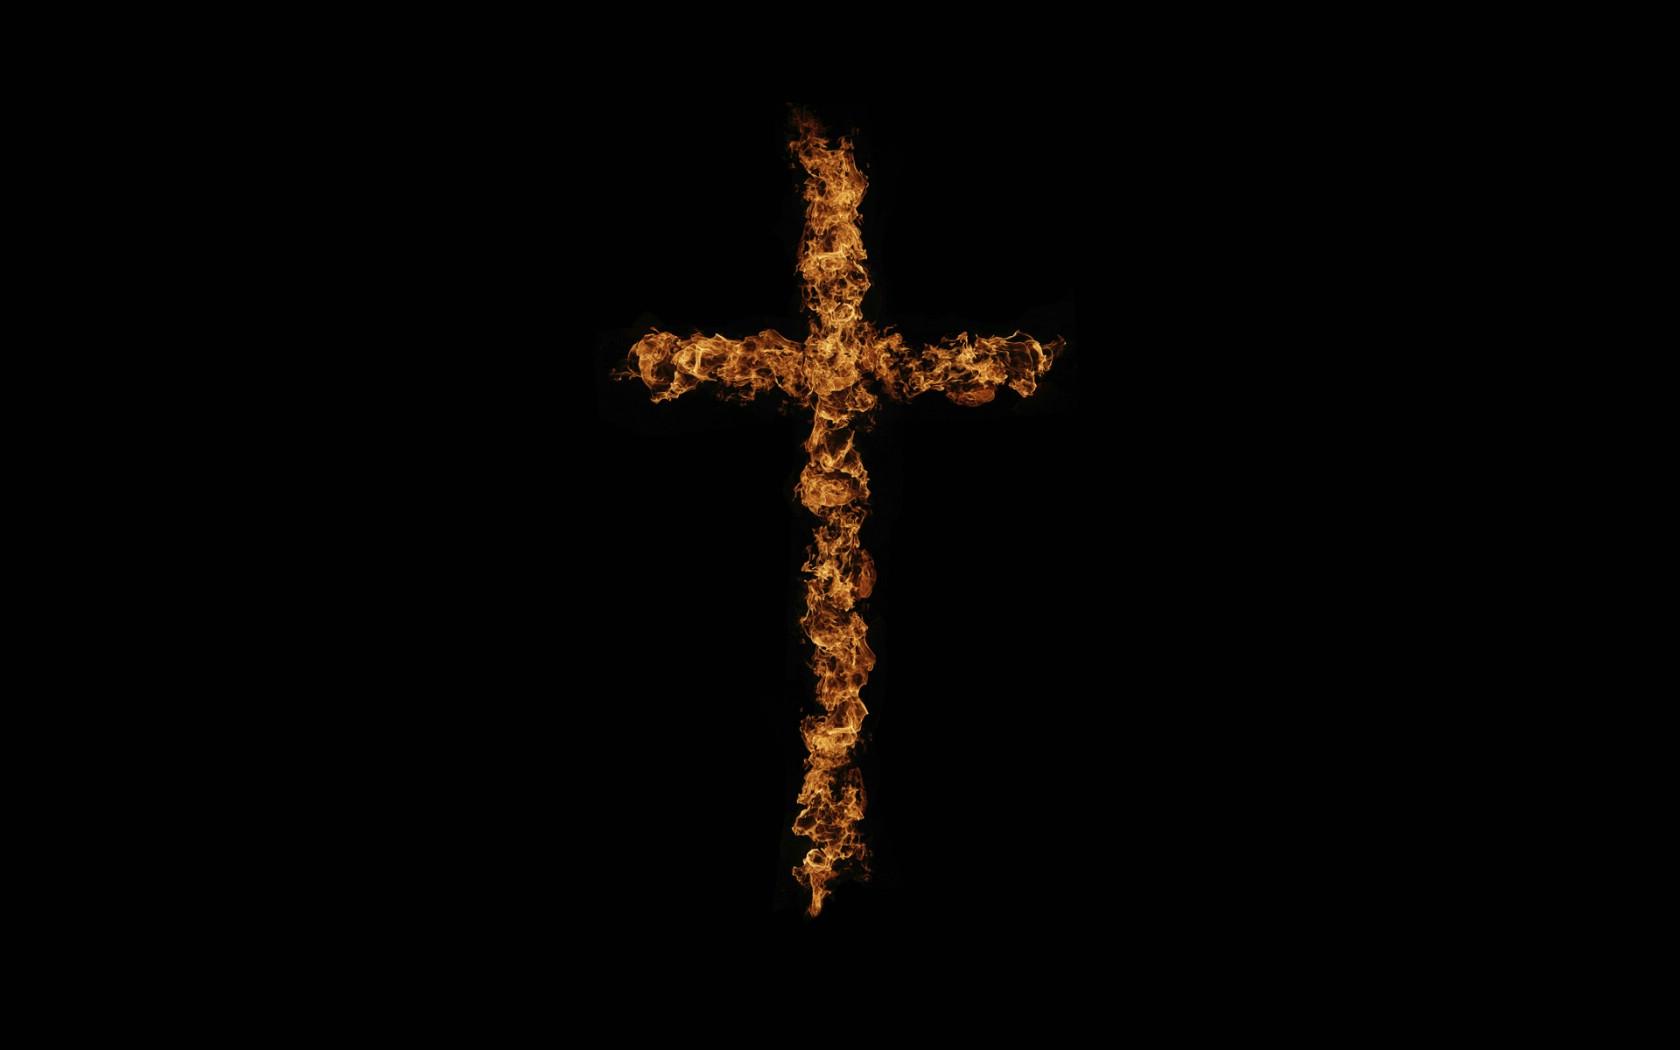 桌面壁纸高清十字架_桌面壁纸高清十字架大全分享